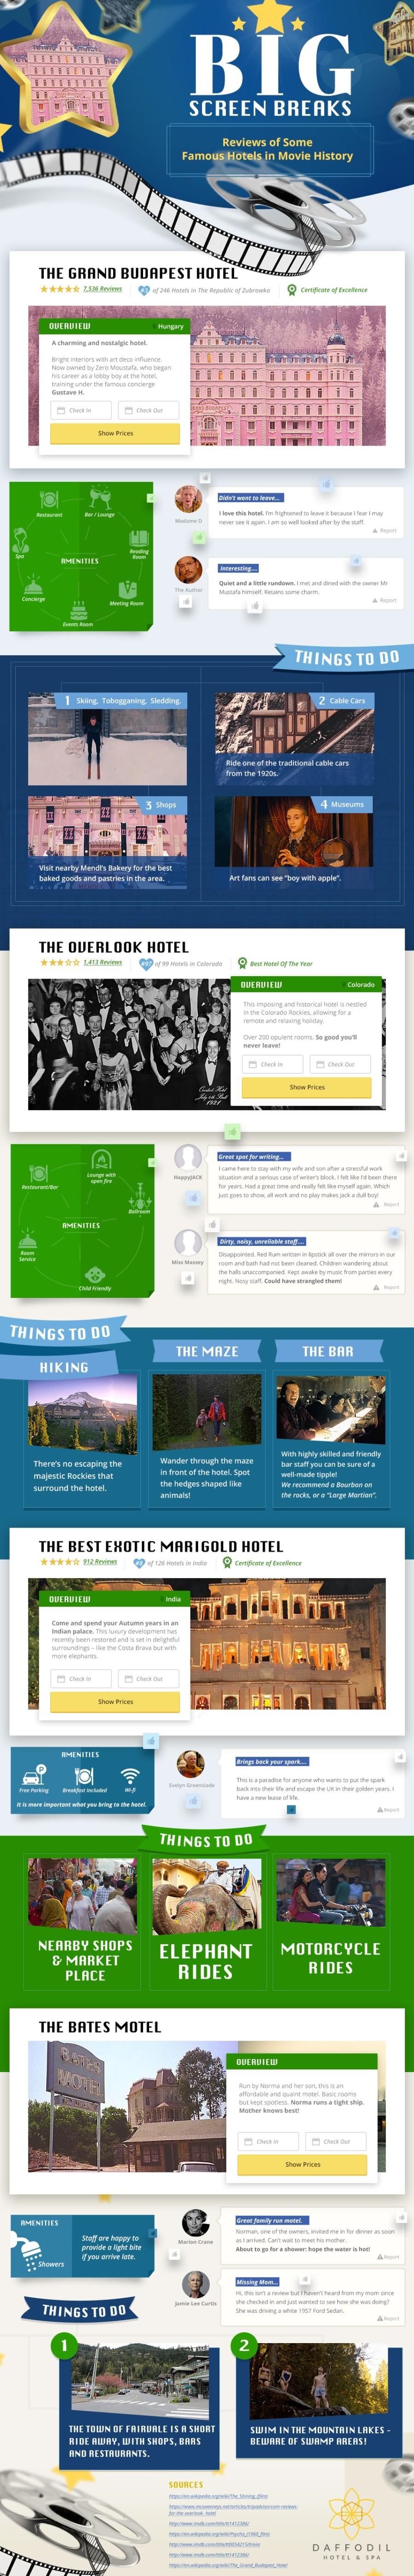 Big Screen Breaks Infographic2